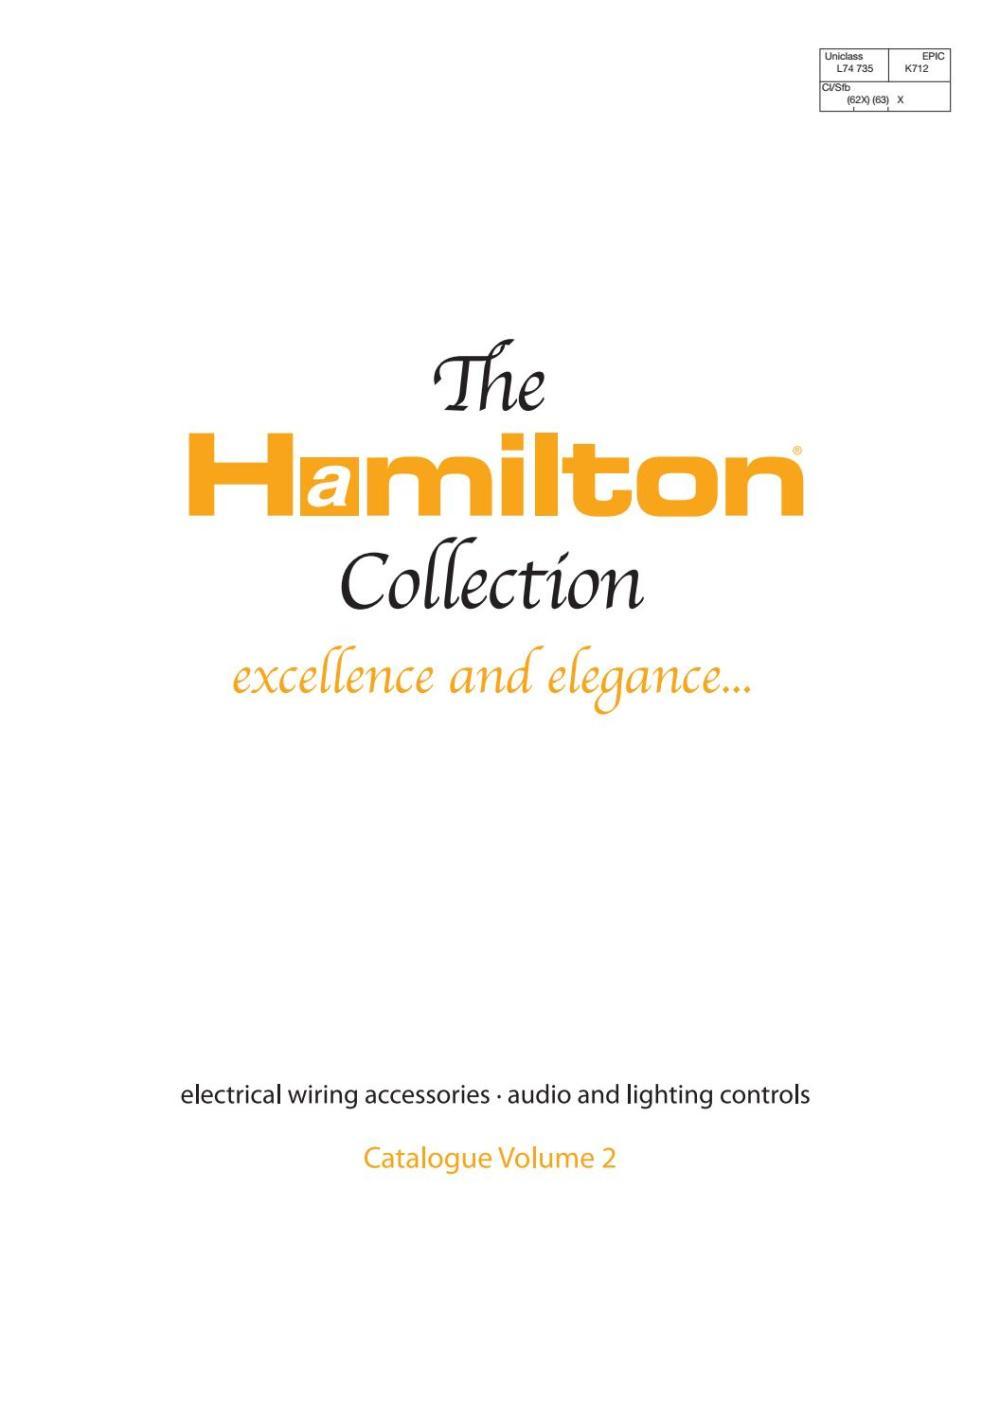 medium resolution of hamilton